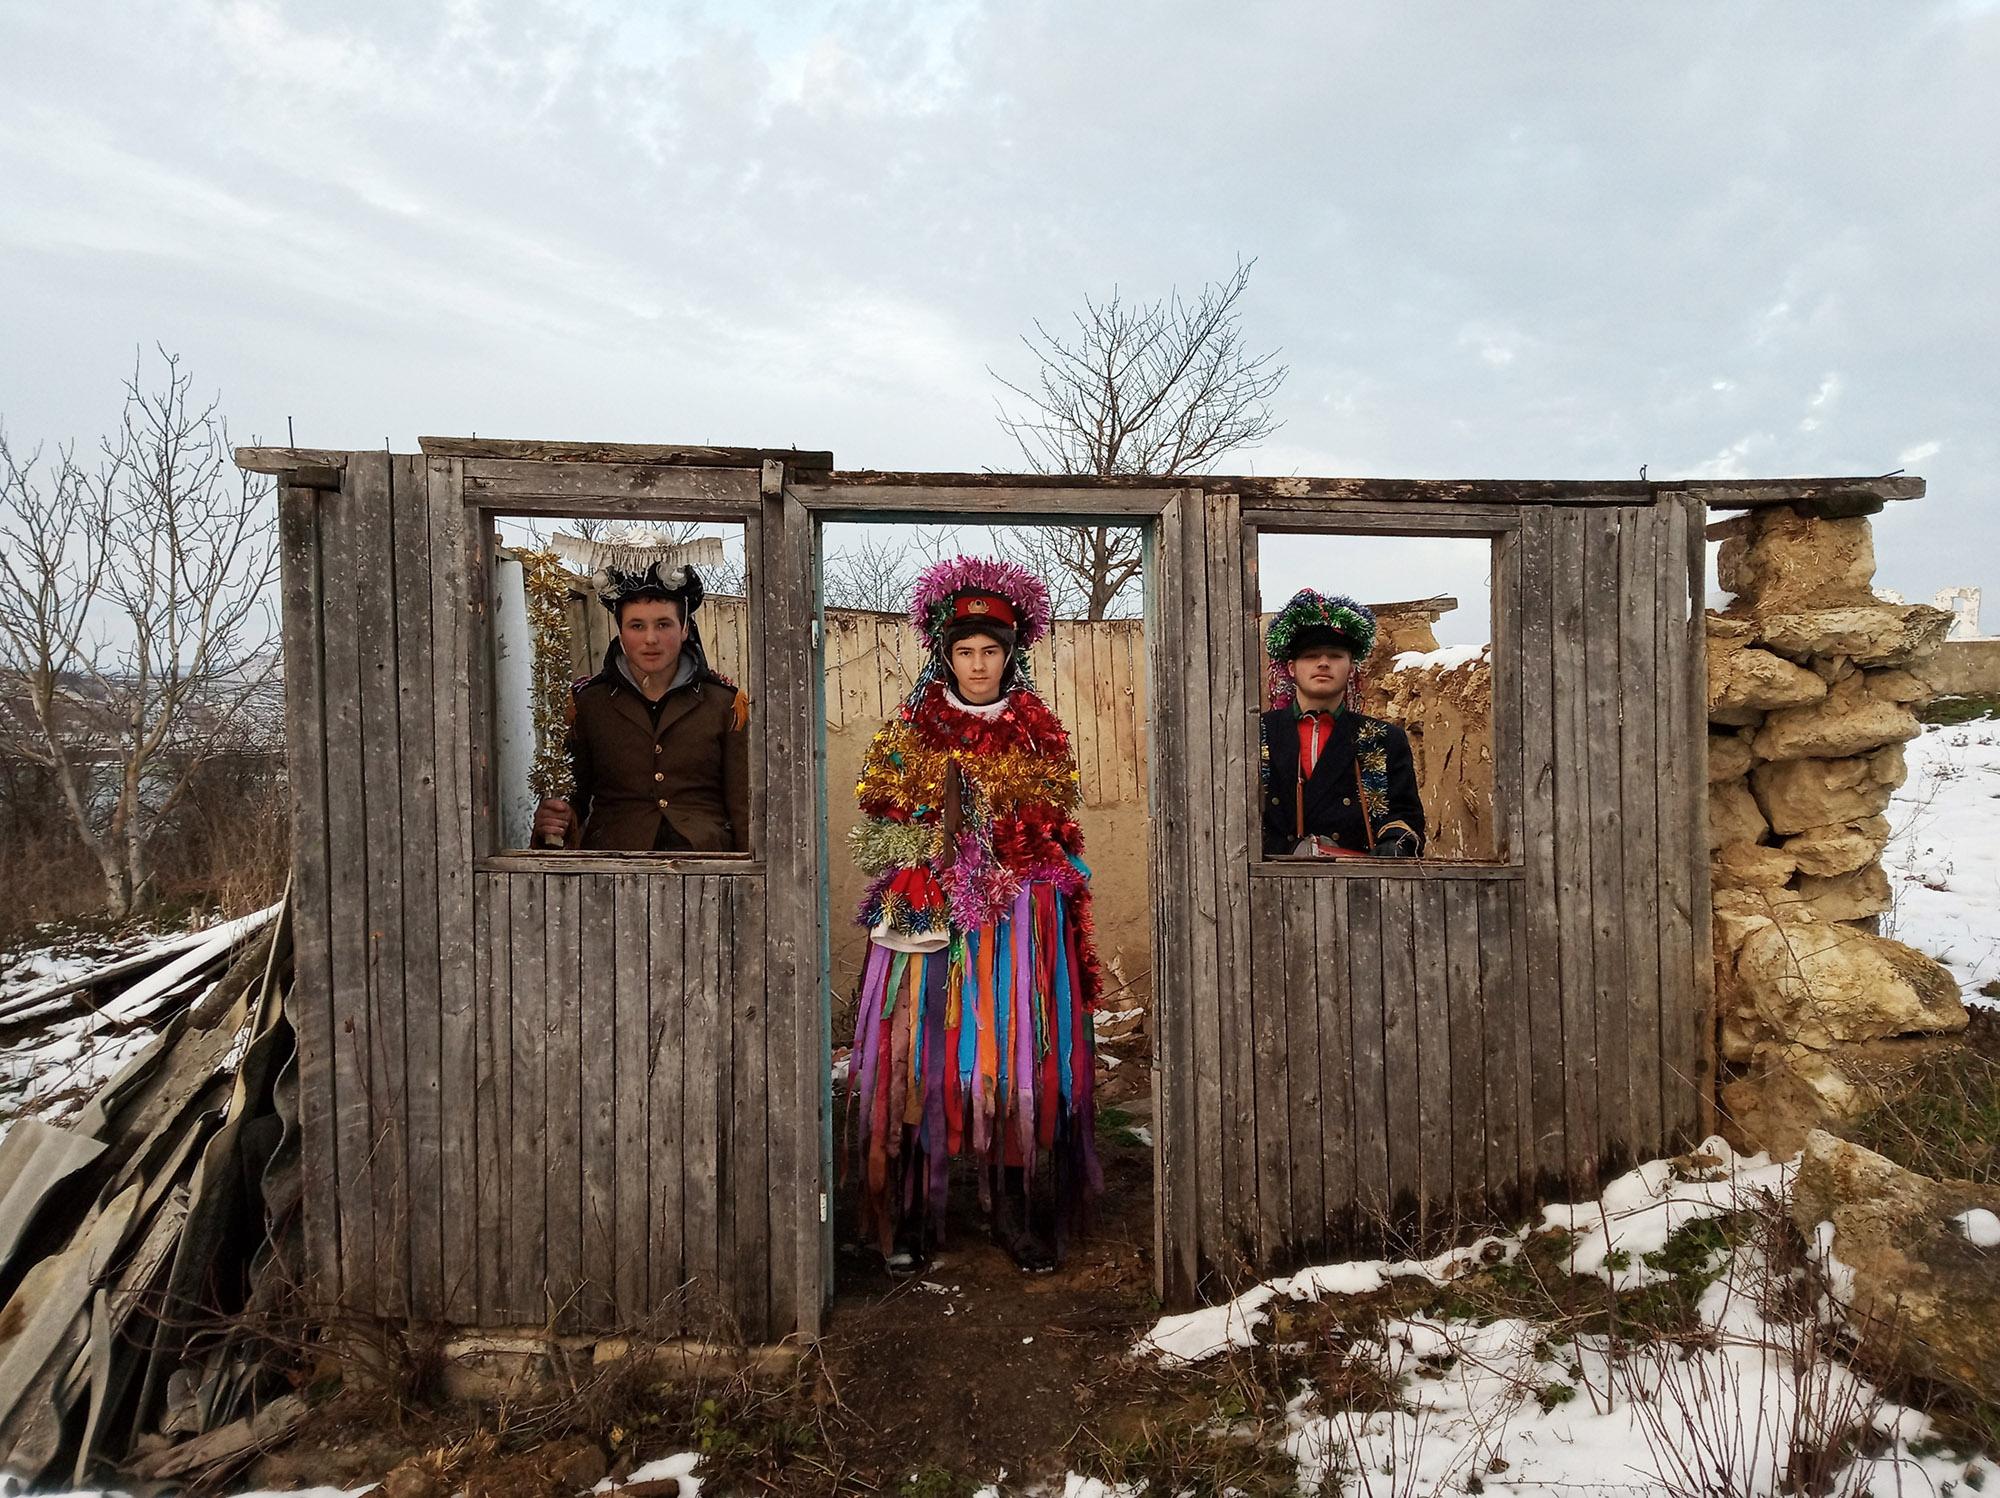 Photographie couleur, 3 People déguisées, Finaliste du concours People